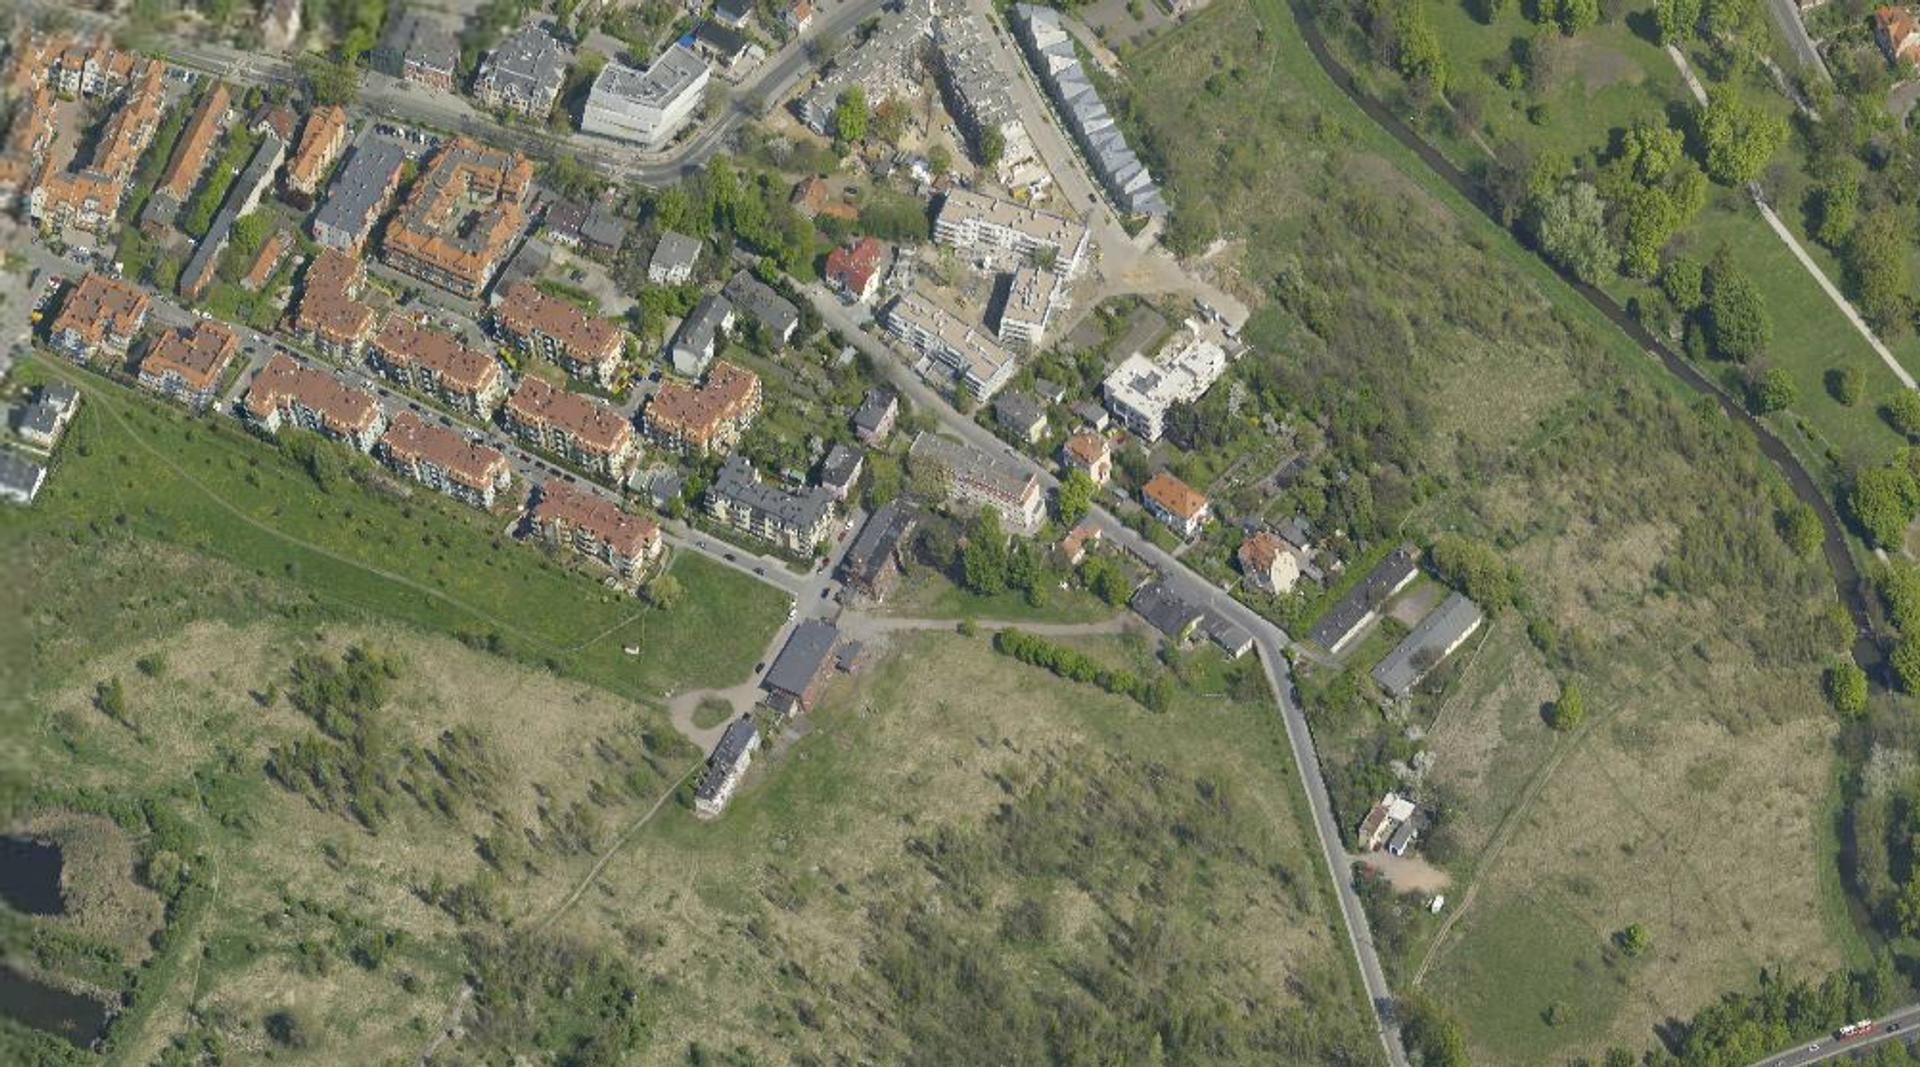 [Wrocław] Vantage Development nabył nieruchomość na Klecinie. Planuje zakup jeszcze na dwóch innych osiedlach